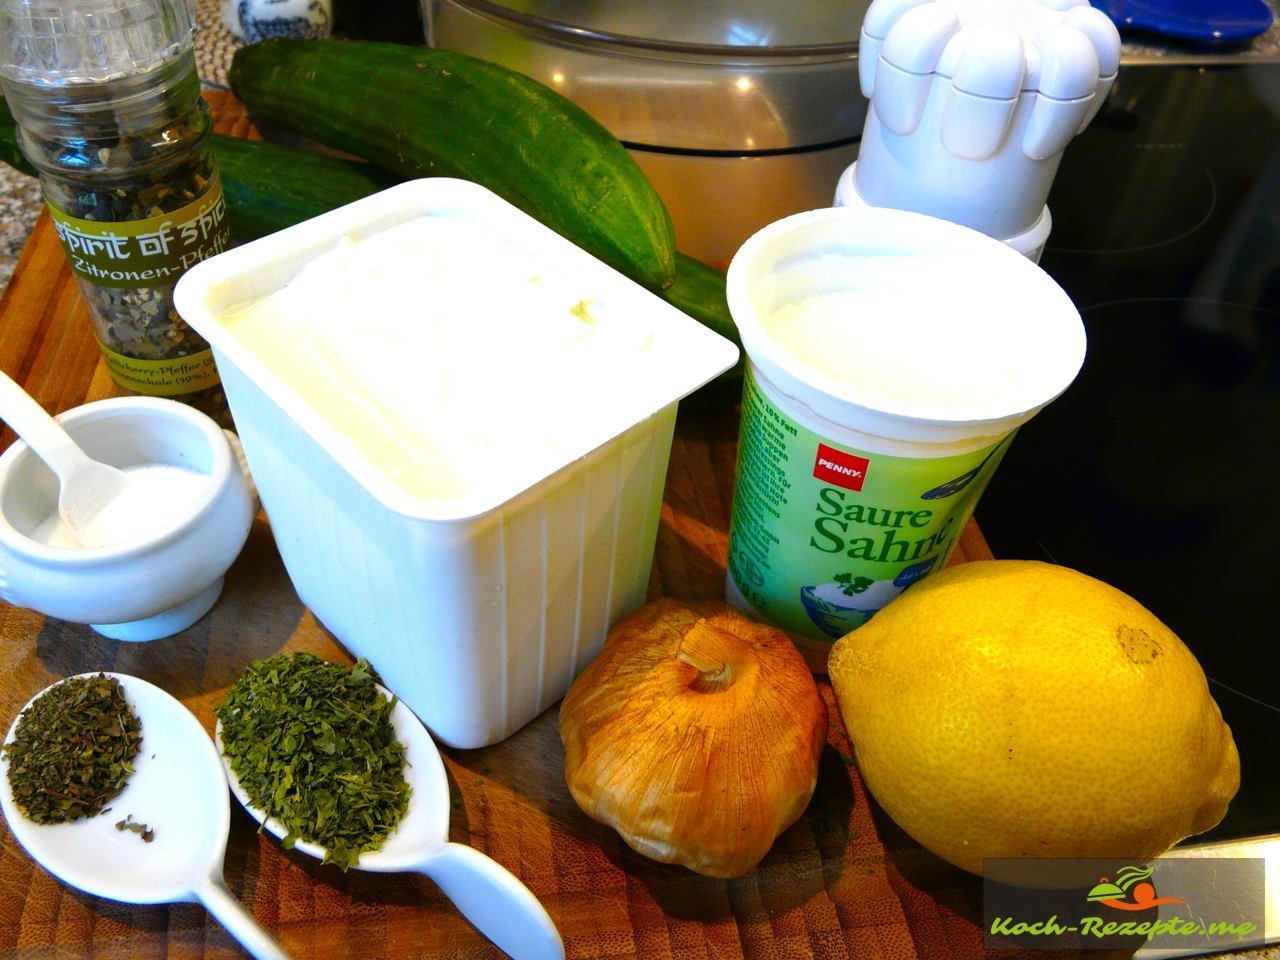 Tzatziki Rezept: Mit Räucher-Knoblauch, Saure Sahne, Magerquark, Zitrone, Salz, Zitronen-Pfeffer, Räucher-Knoblauch,Salatgurke, Oreganno, Pfefferminze